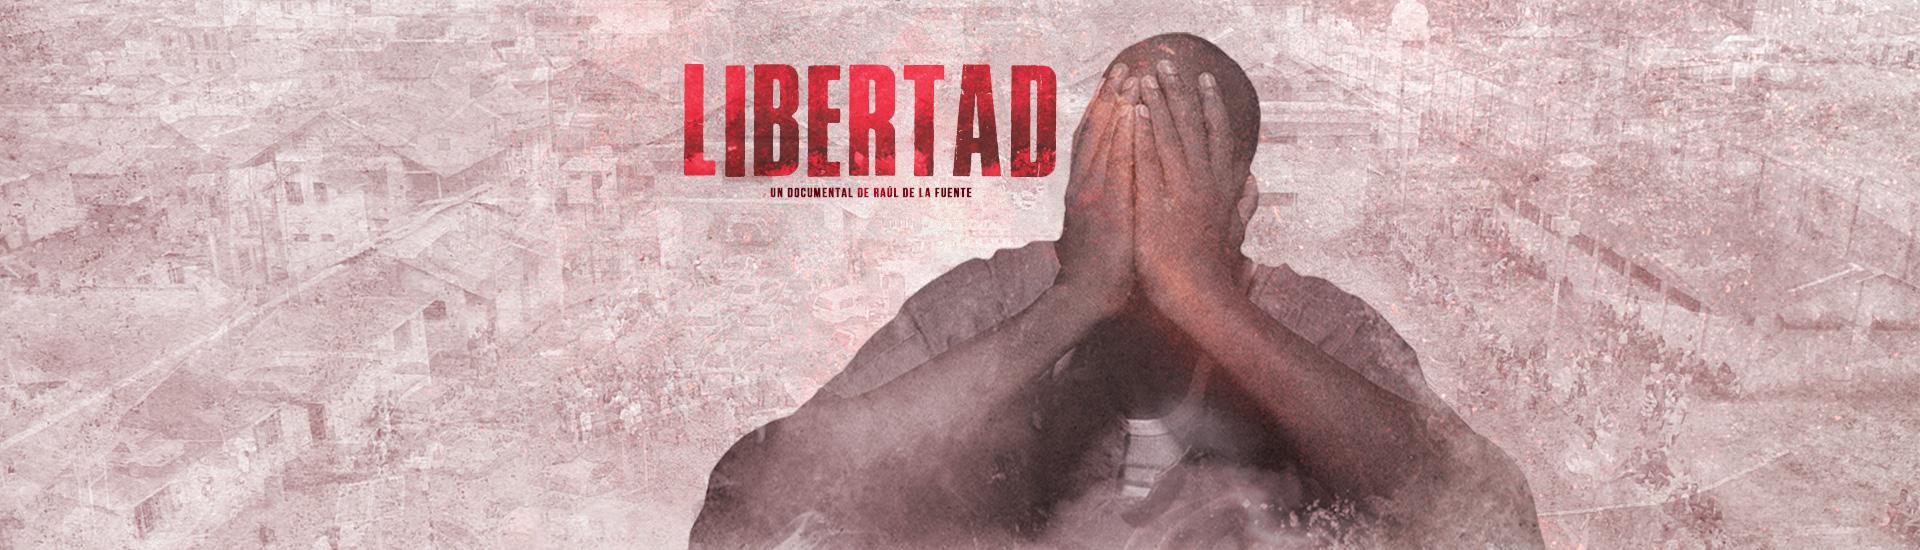 Libertad documental - Inocencia entre rejas